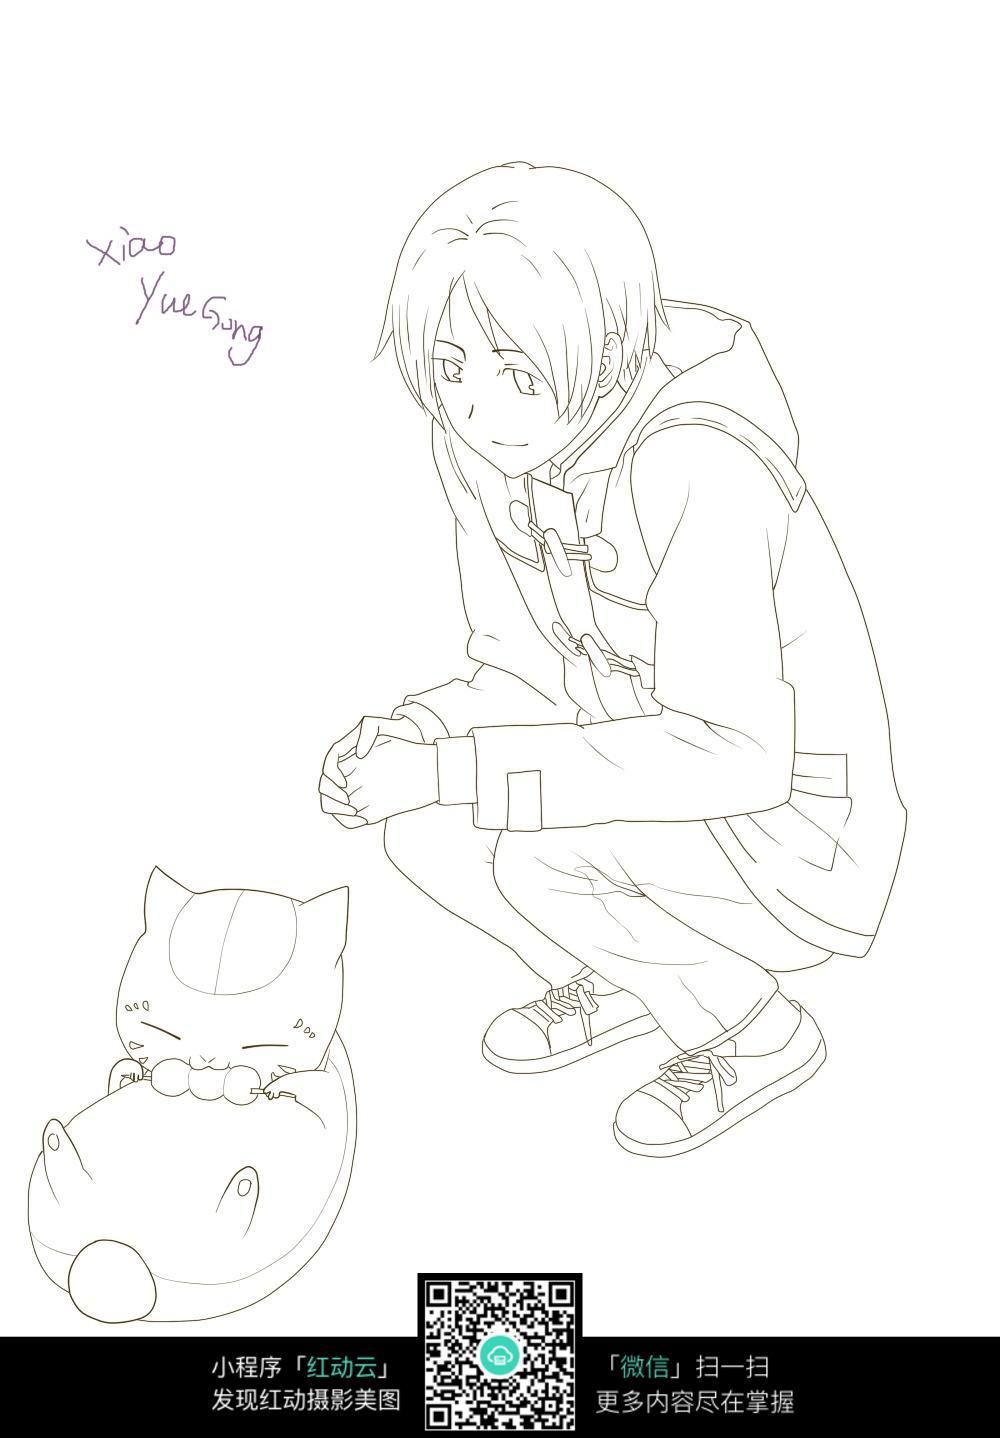 男孩和猫卡通手绘线稿图片